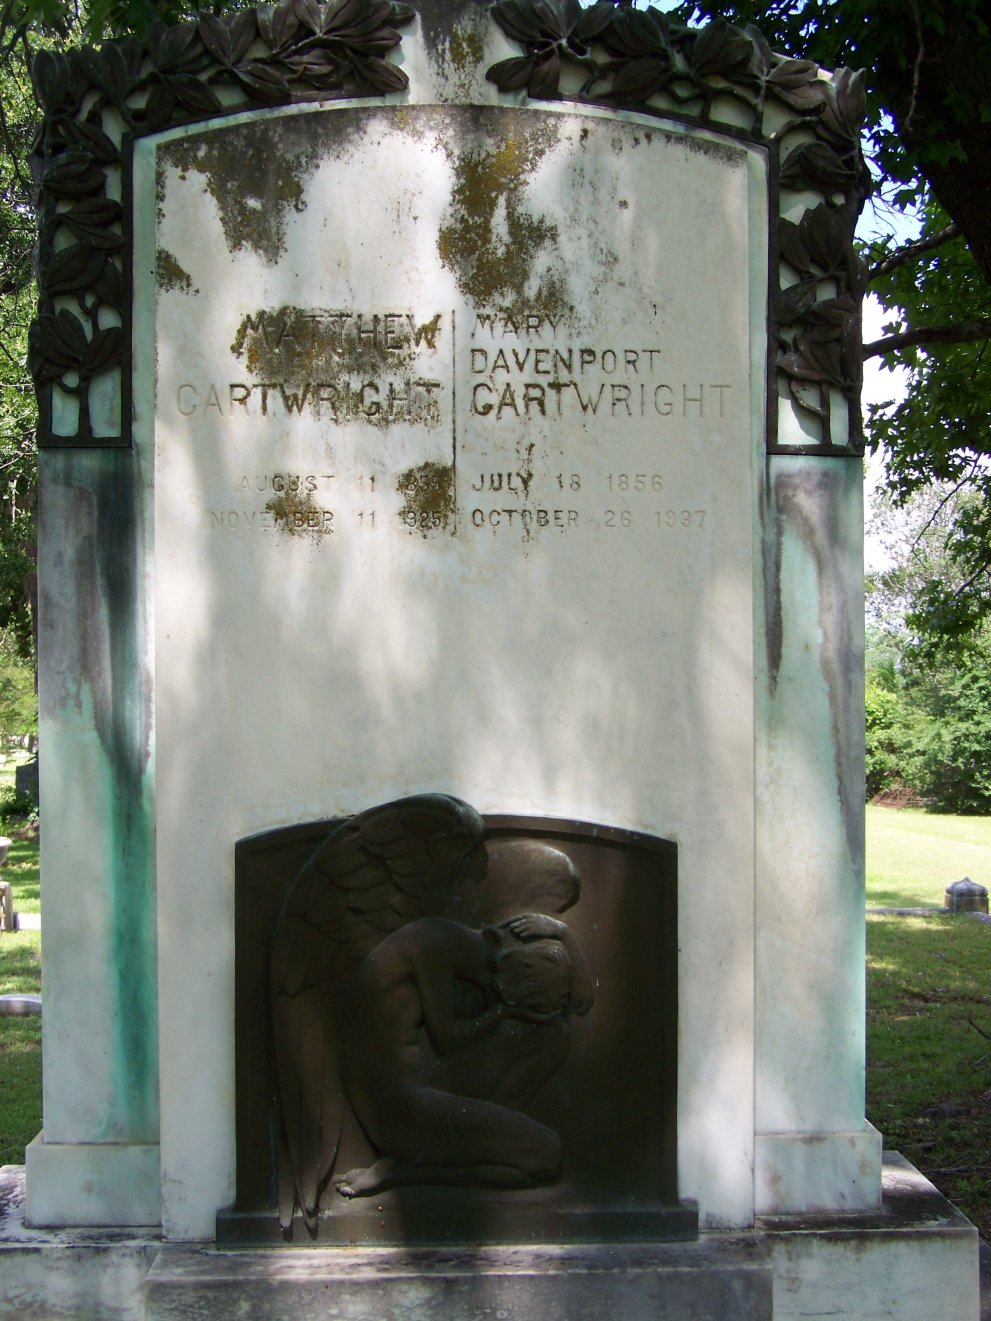 Mary Cynthia <i>Davenport</i> Cartwright